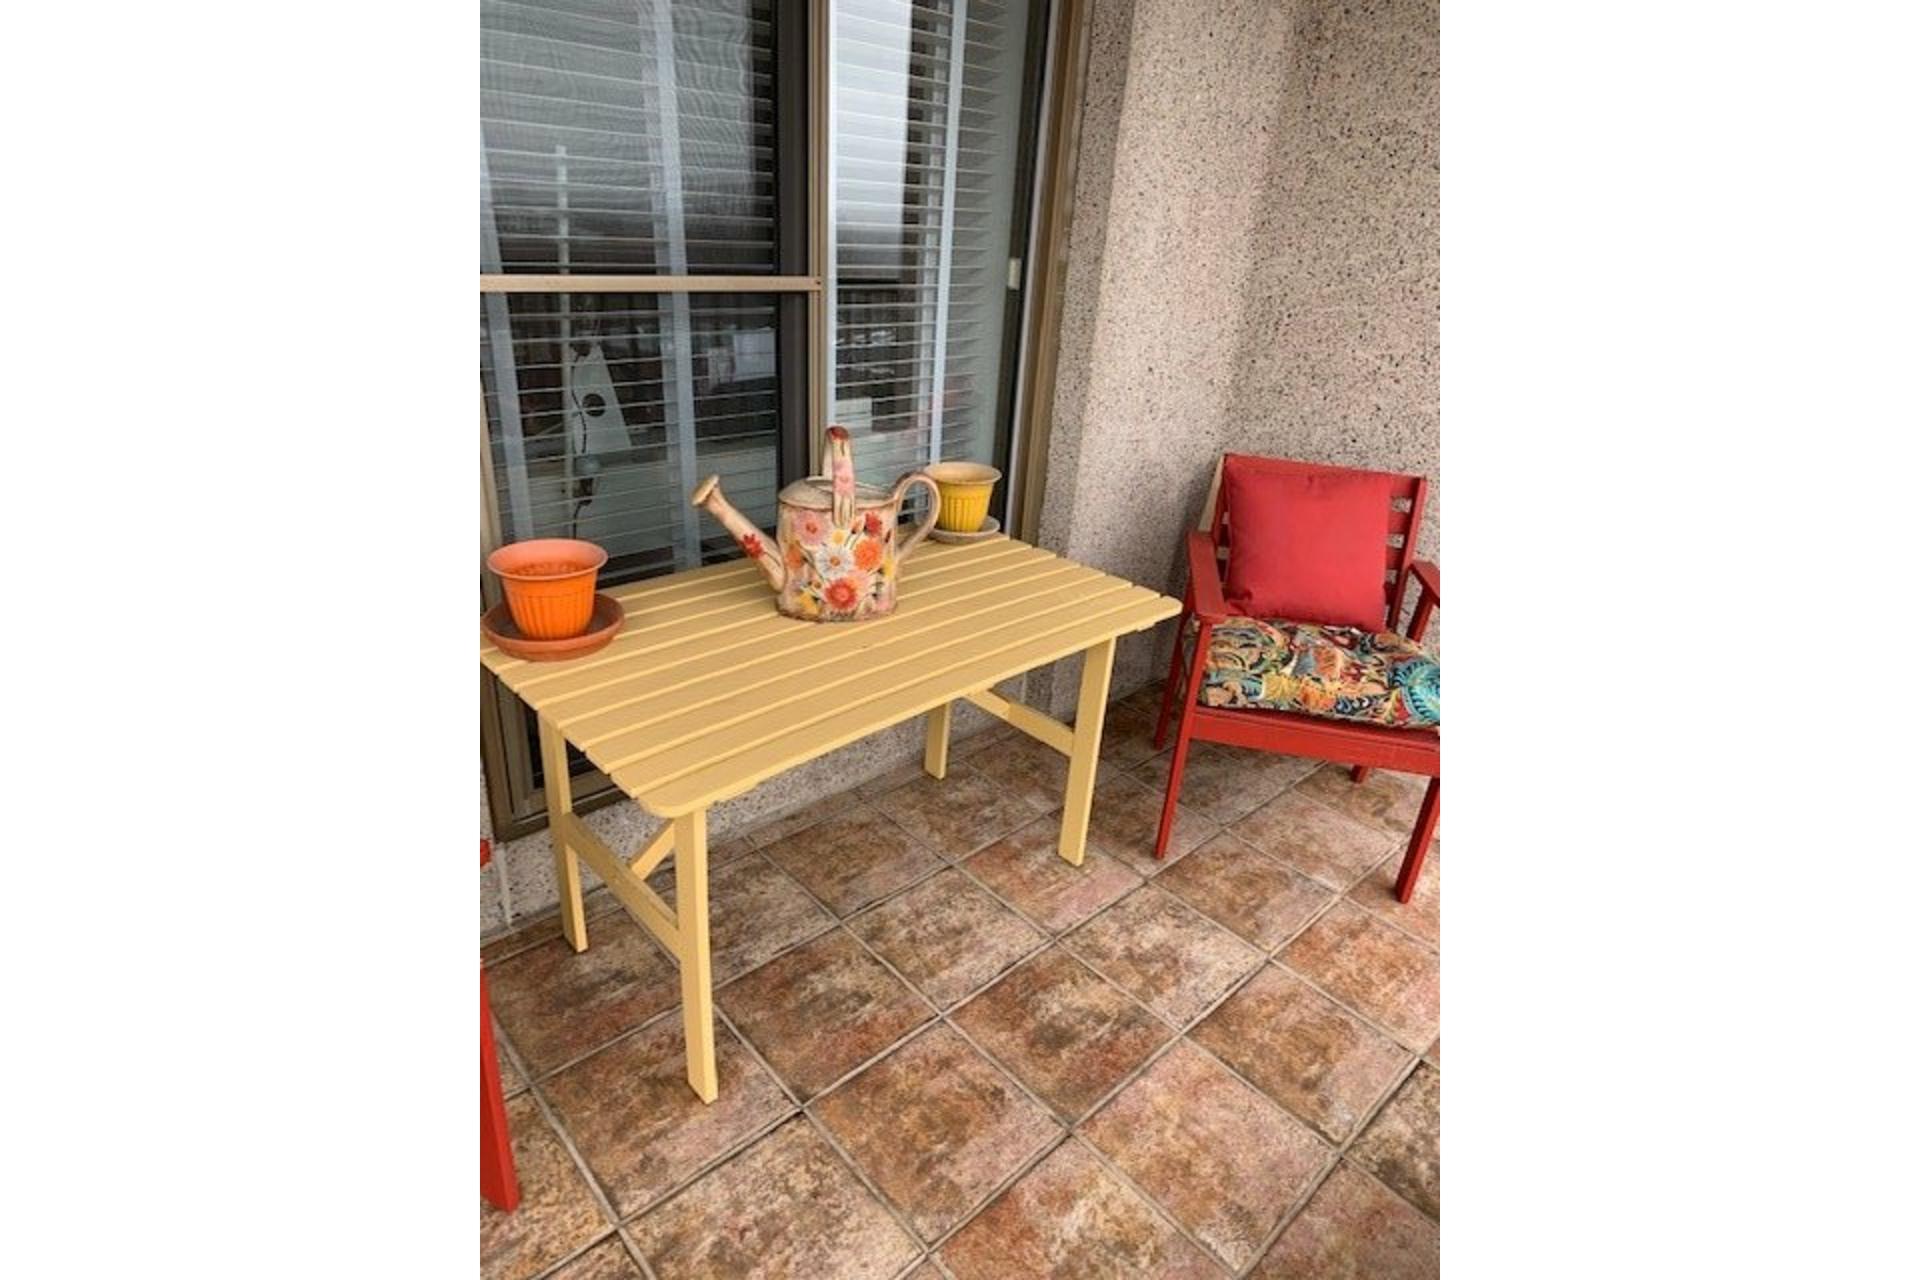 image 34 - Apartment For rent Côte-des-Neiges/Notre-Dame-de-Grâce Montréal  - 5 rooms